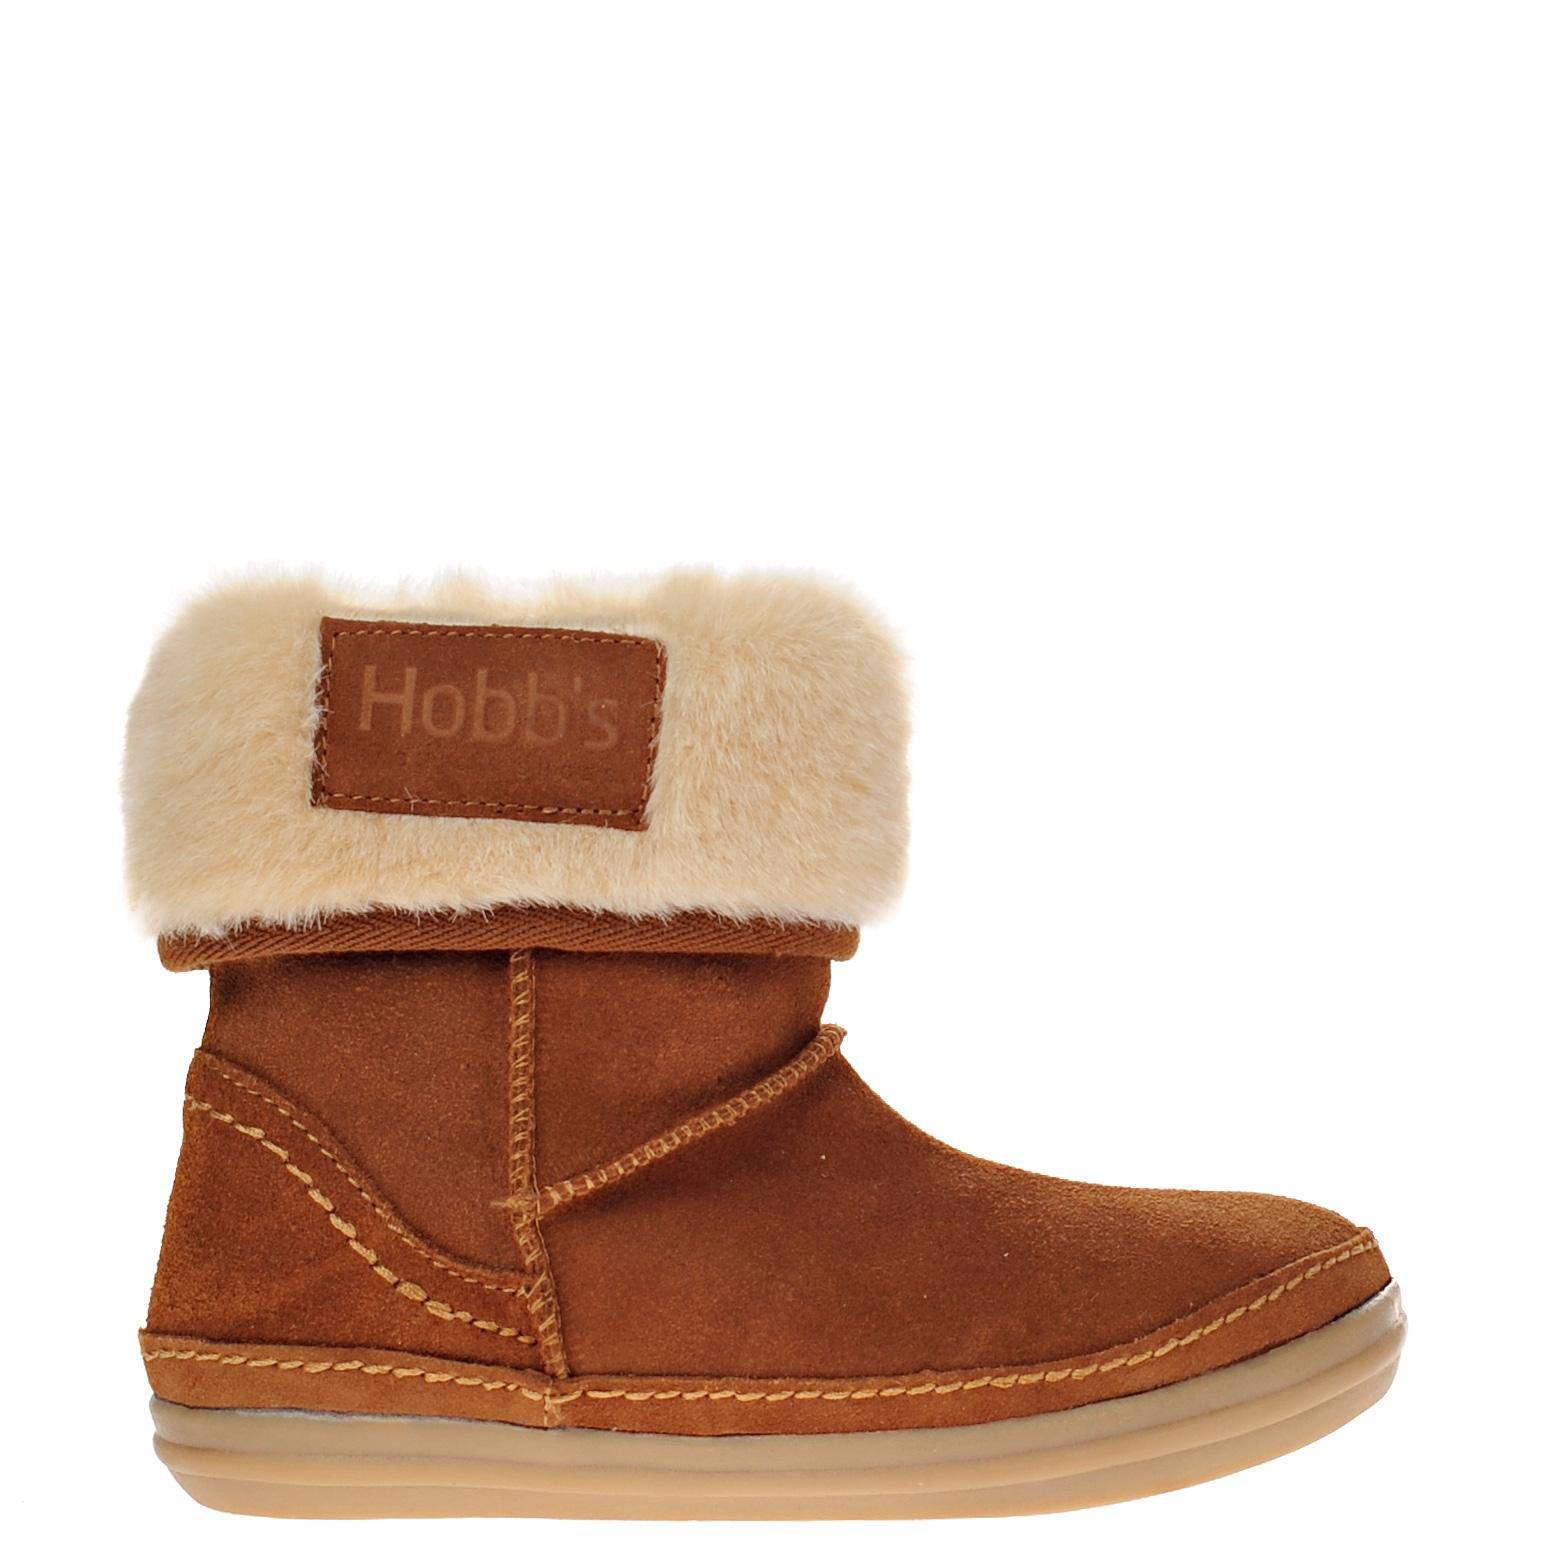 Hobb's laarzen | wehkamp